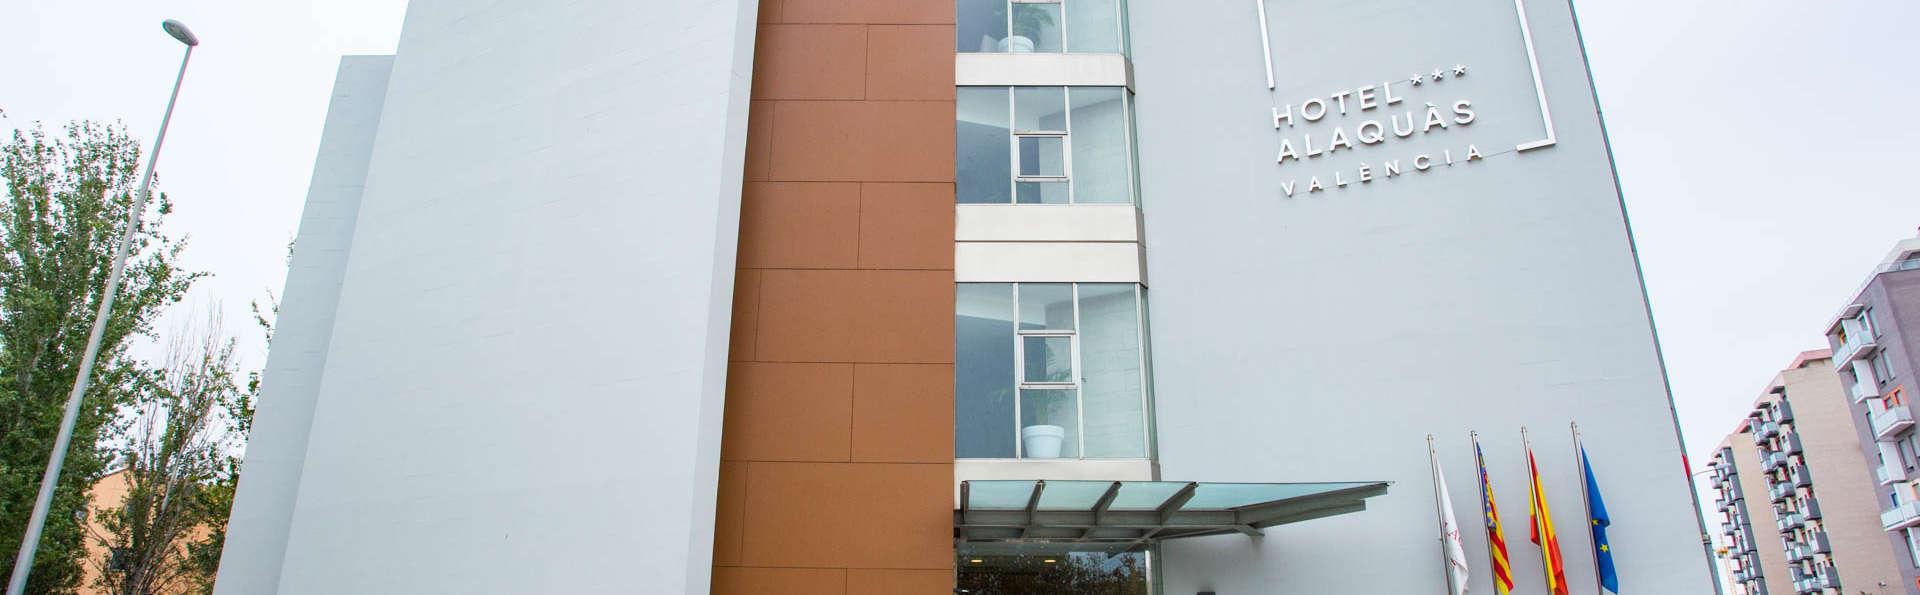 Hotel Alaquas - EDIT_N2_FRONT1.jpg